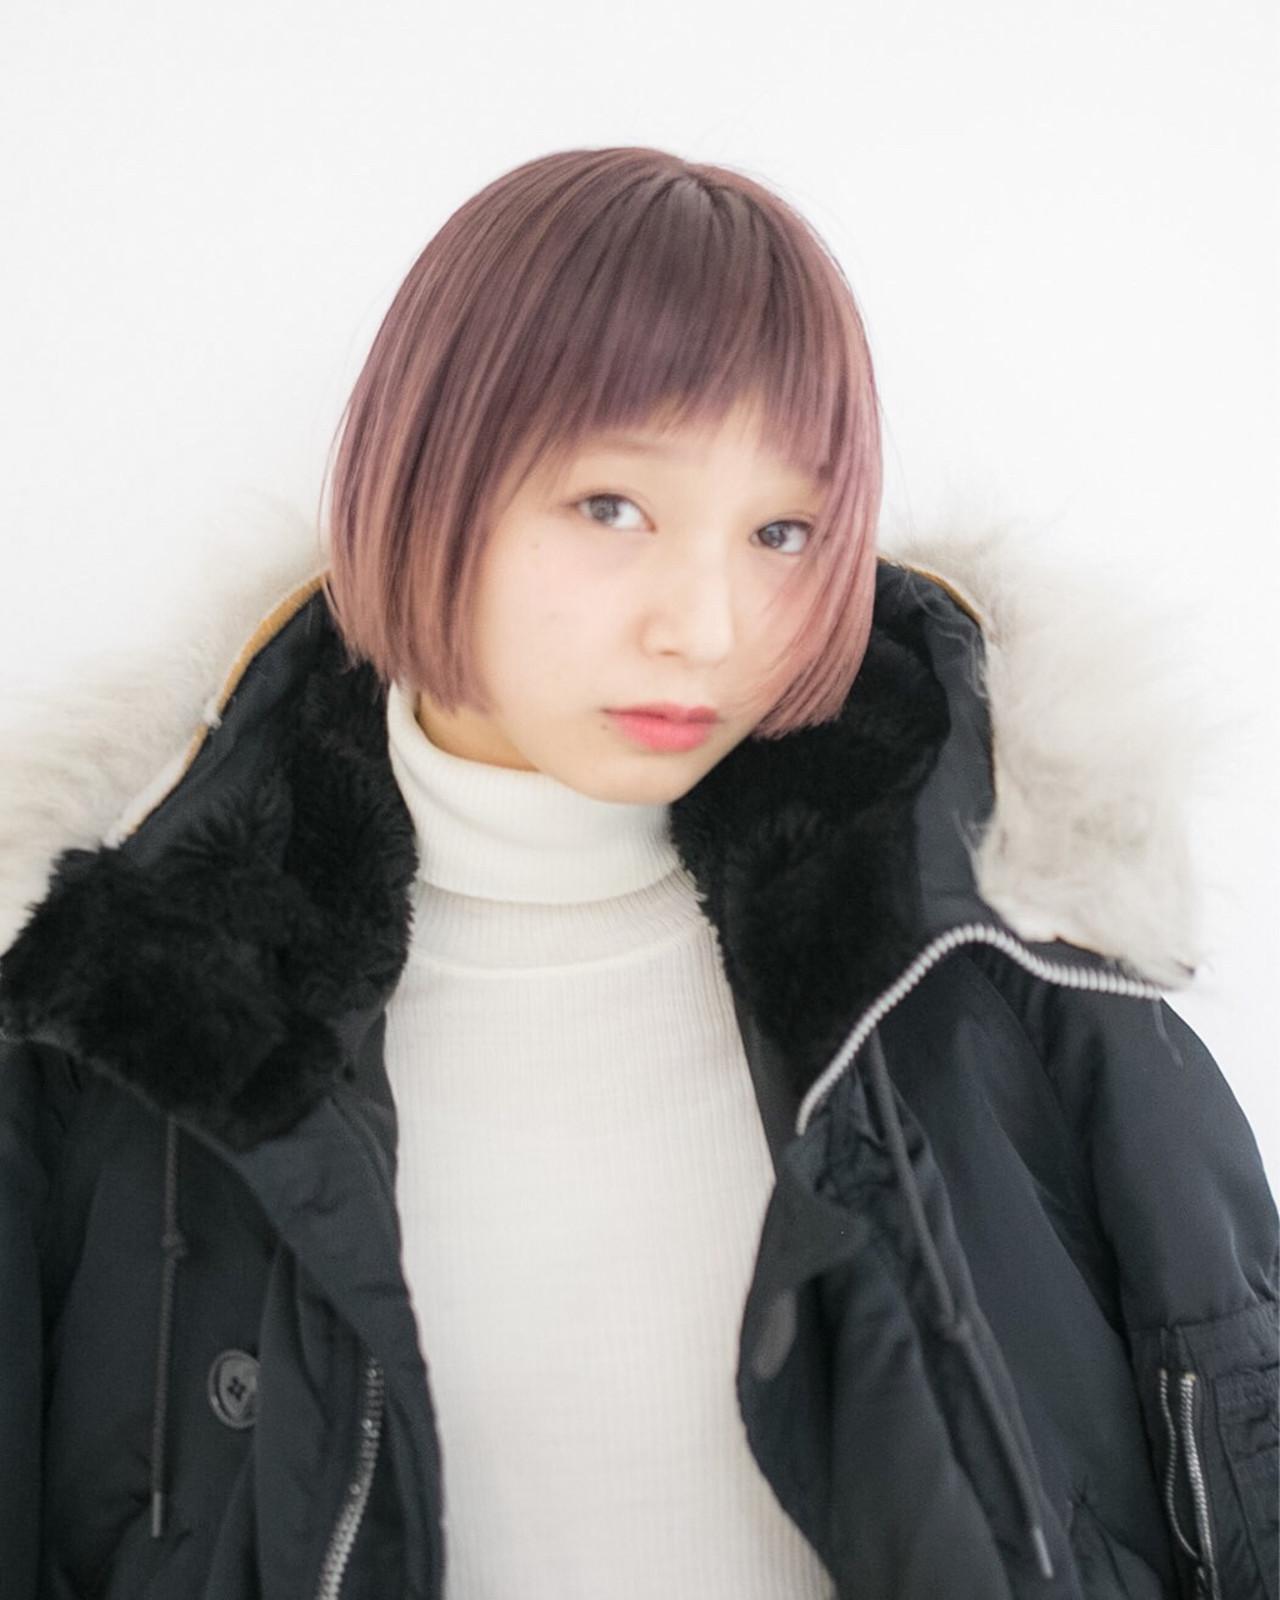 気分はパステル*ハイトーンで作るひたすらに可愛いヘアカラーご紹介。 松尾 芳晴 / SOCO